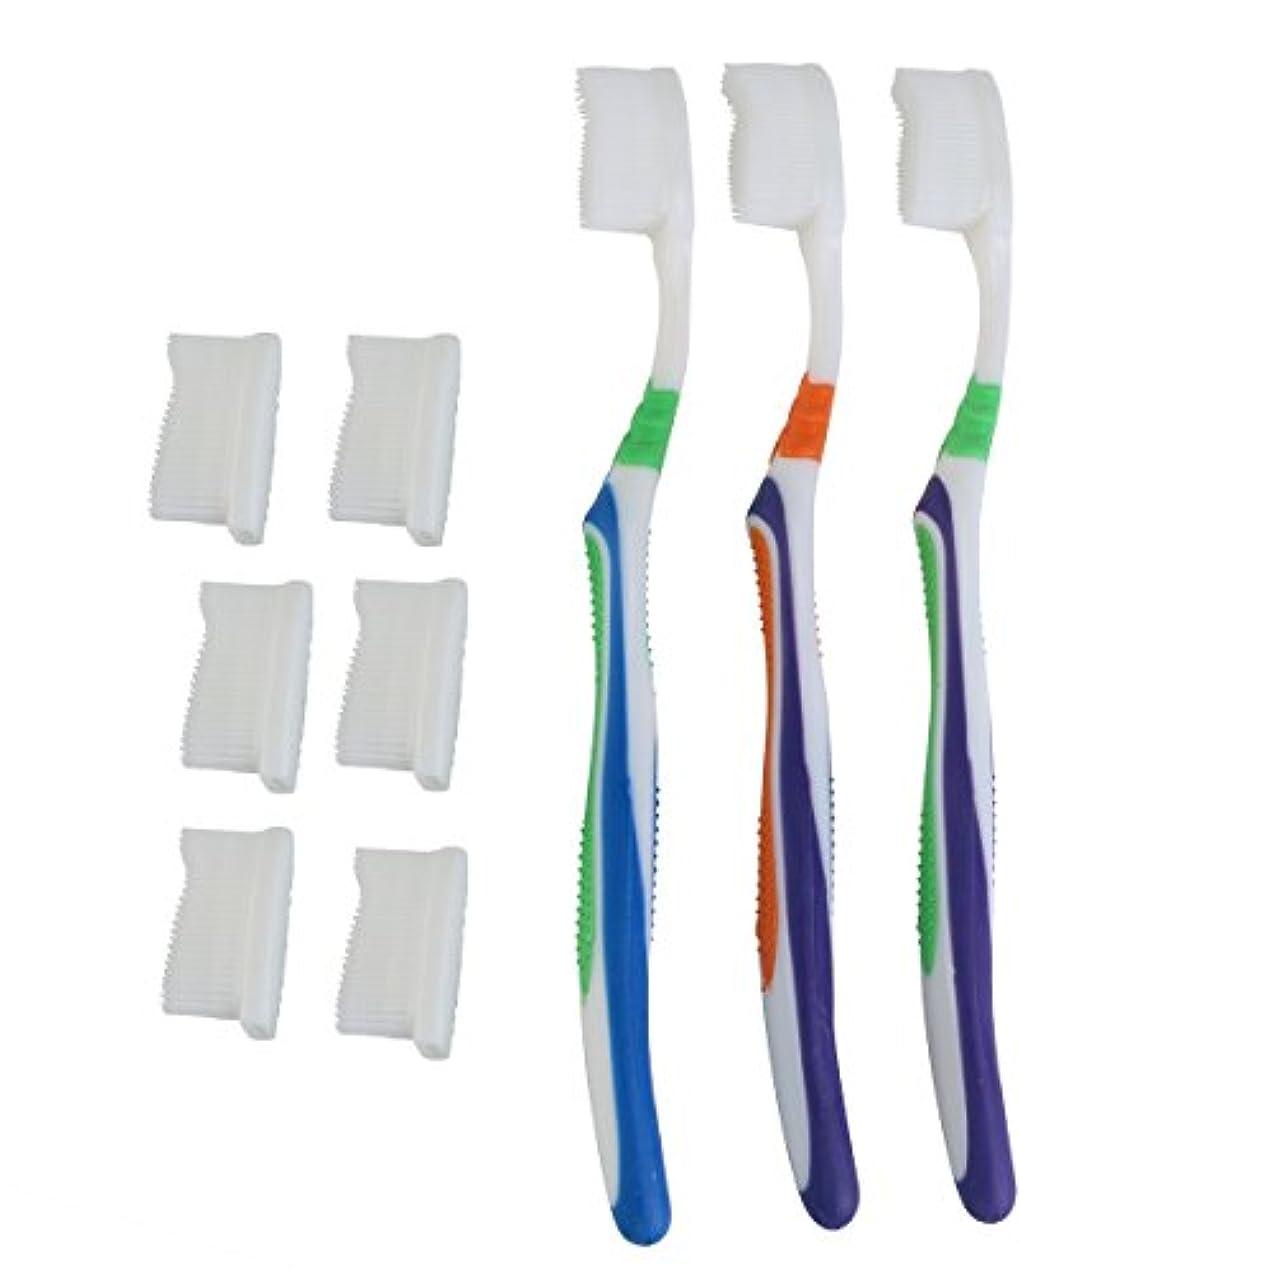 作物以前は軽蔑するTOPBATHY 子供と大人のための歯ブラシの頭の代わりとなる柔らかい歯ブラシ(ランダムカラー)